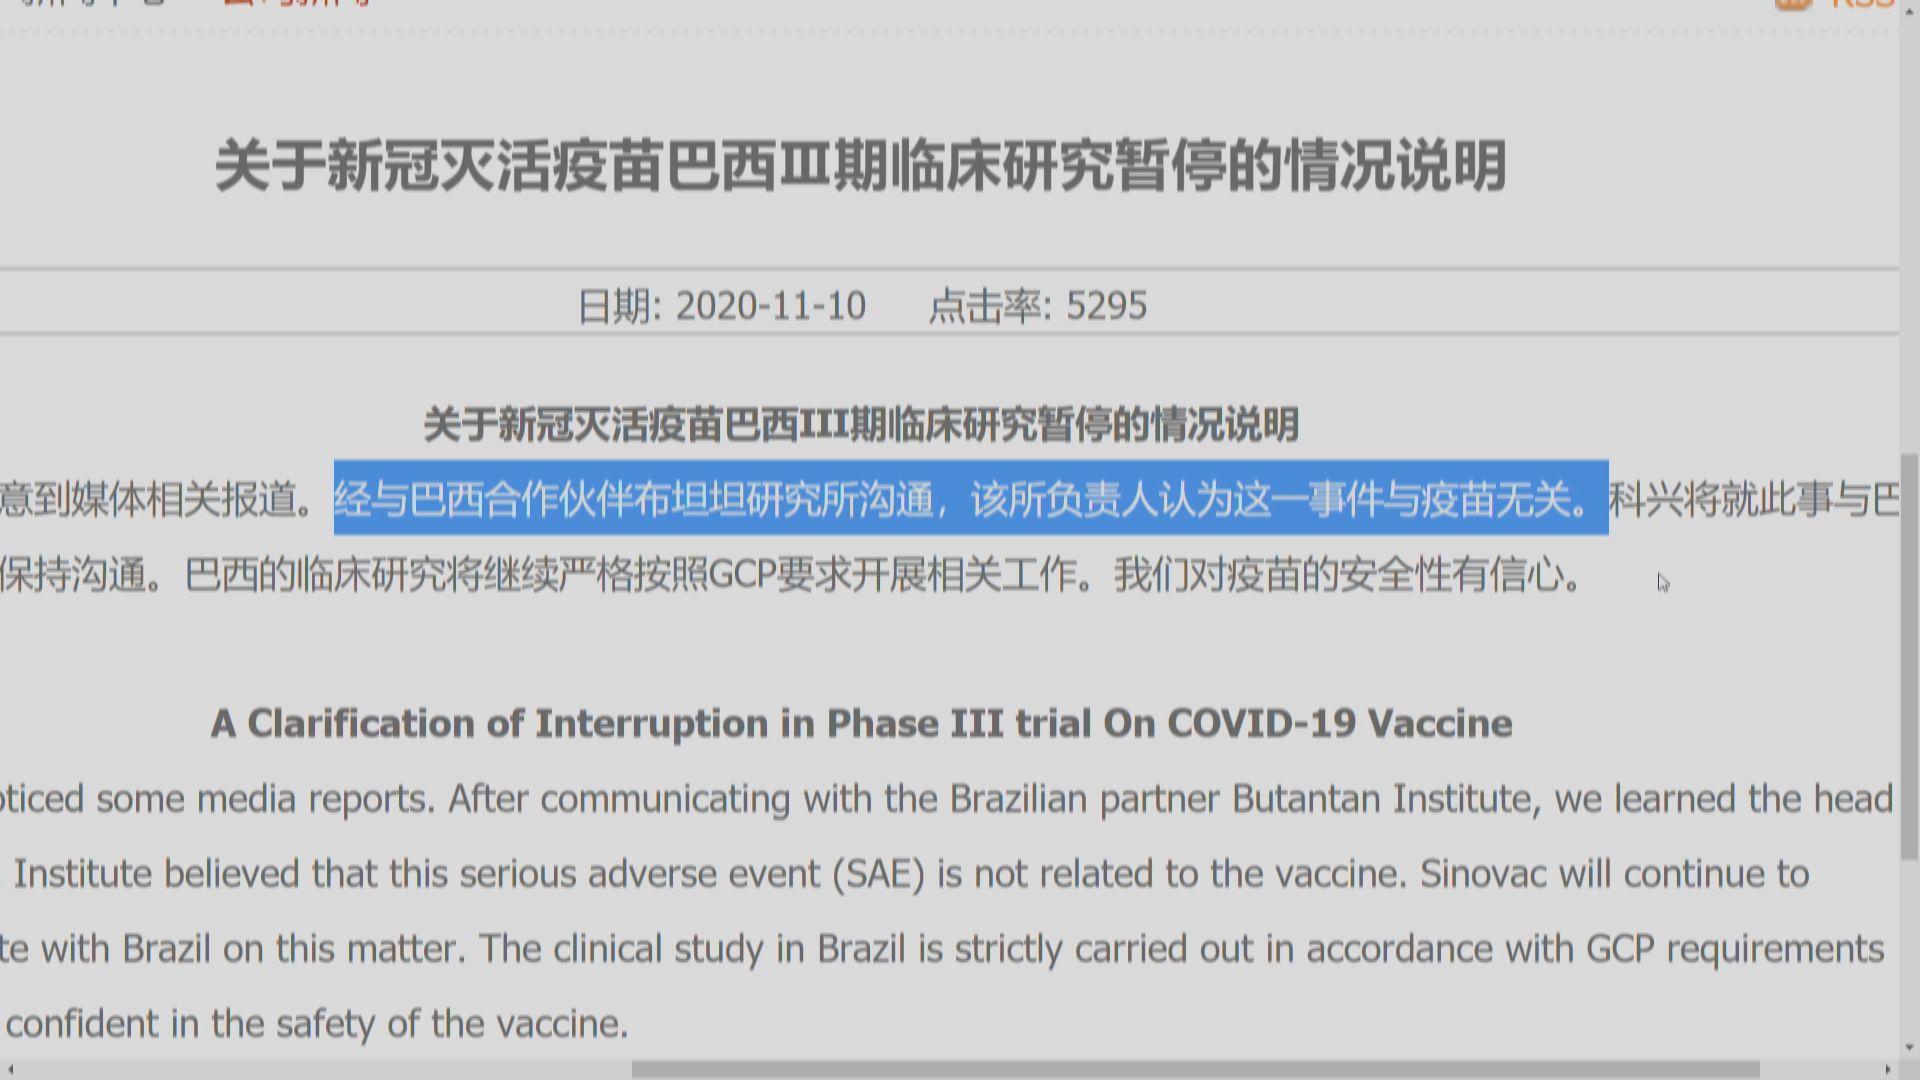 巴西停中國新冠疫苗試驗 科興指臨床測試志願者死亡與疫苗無關